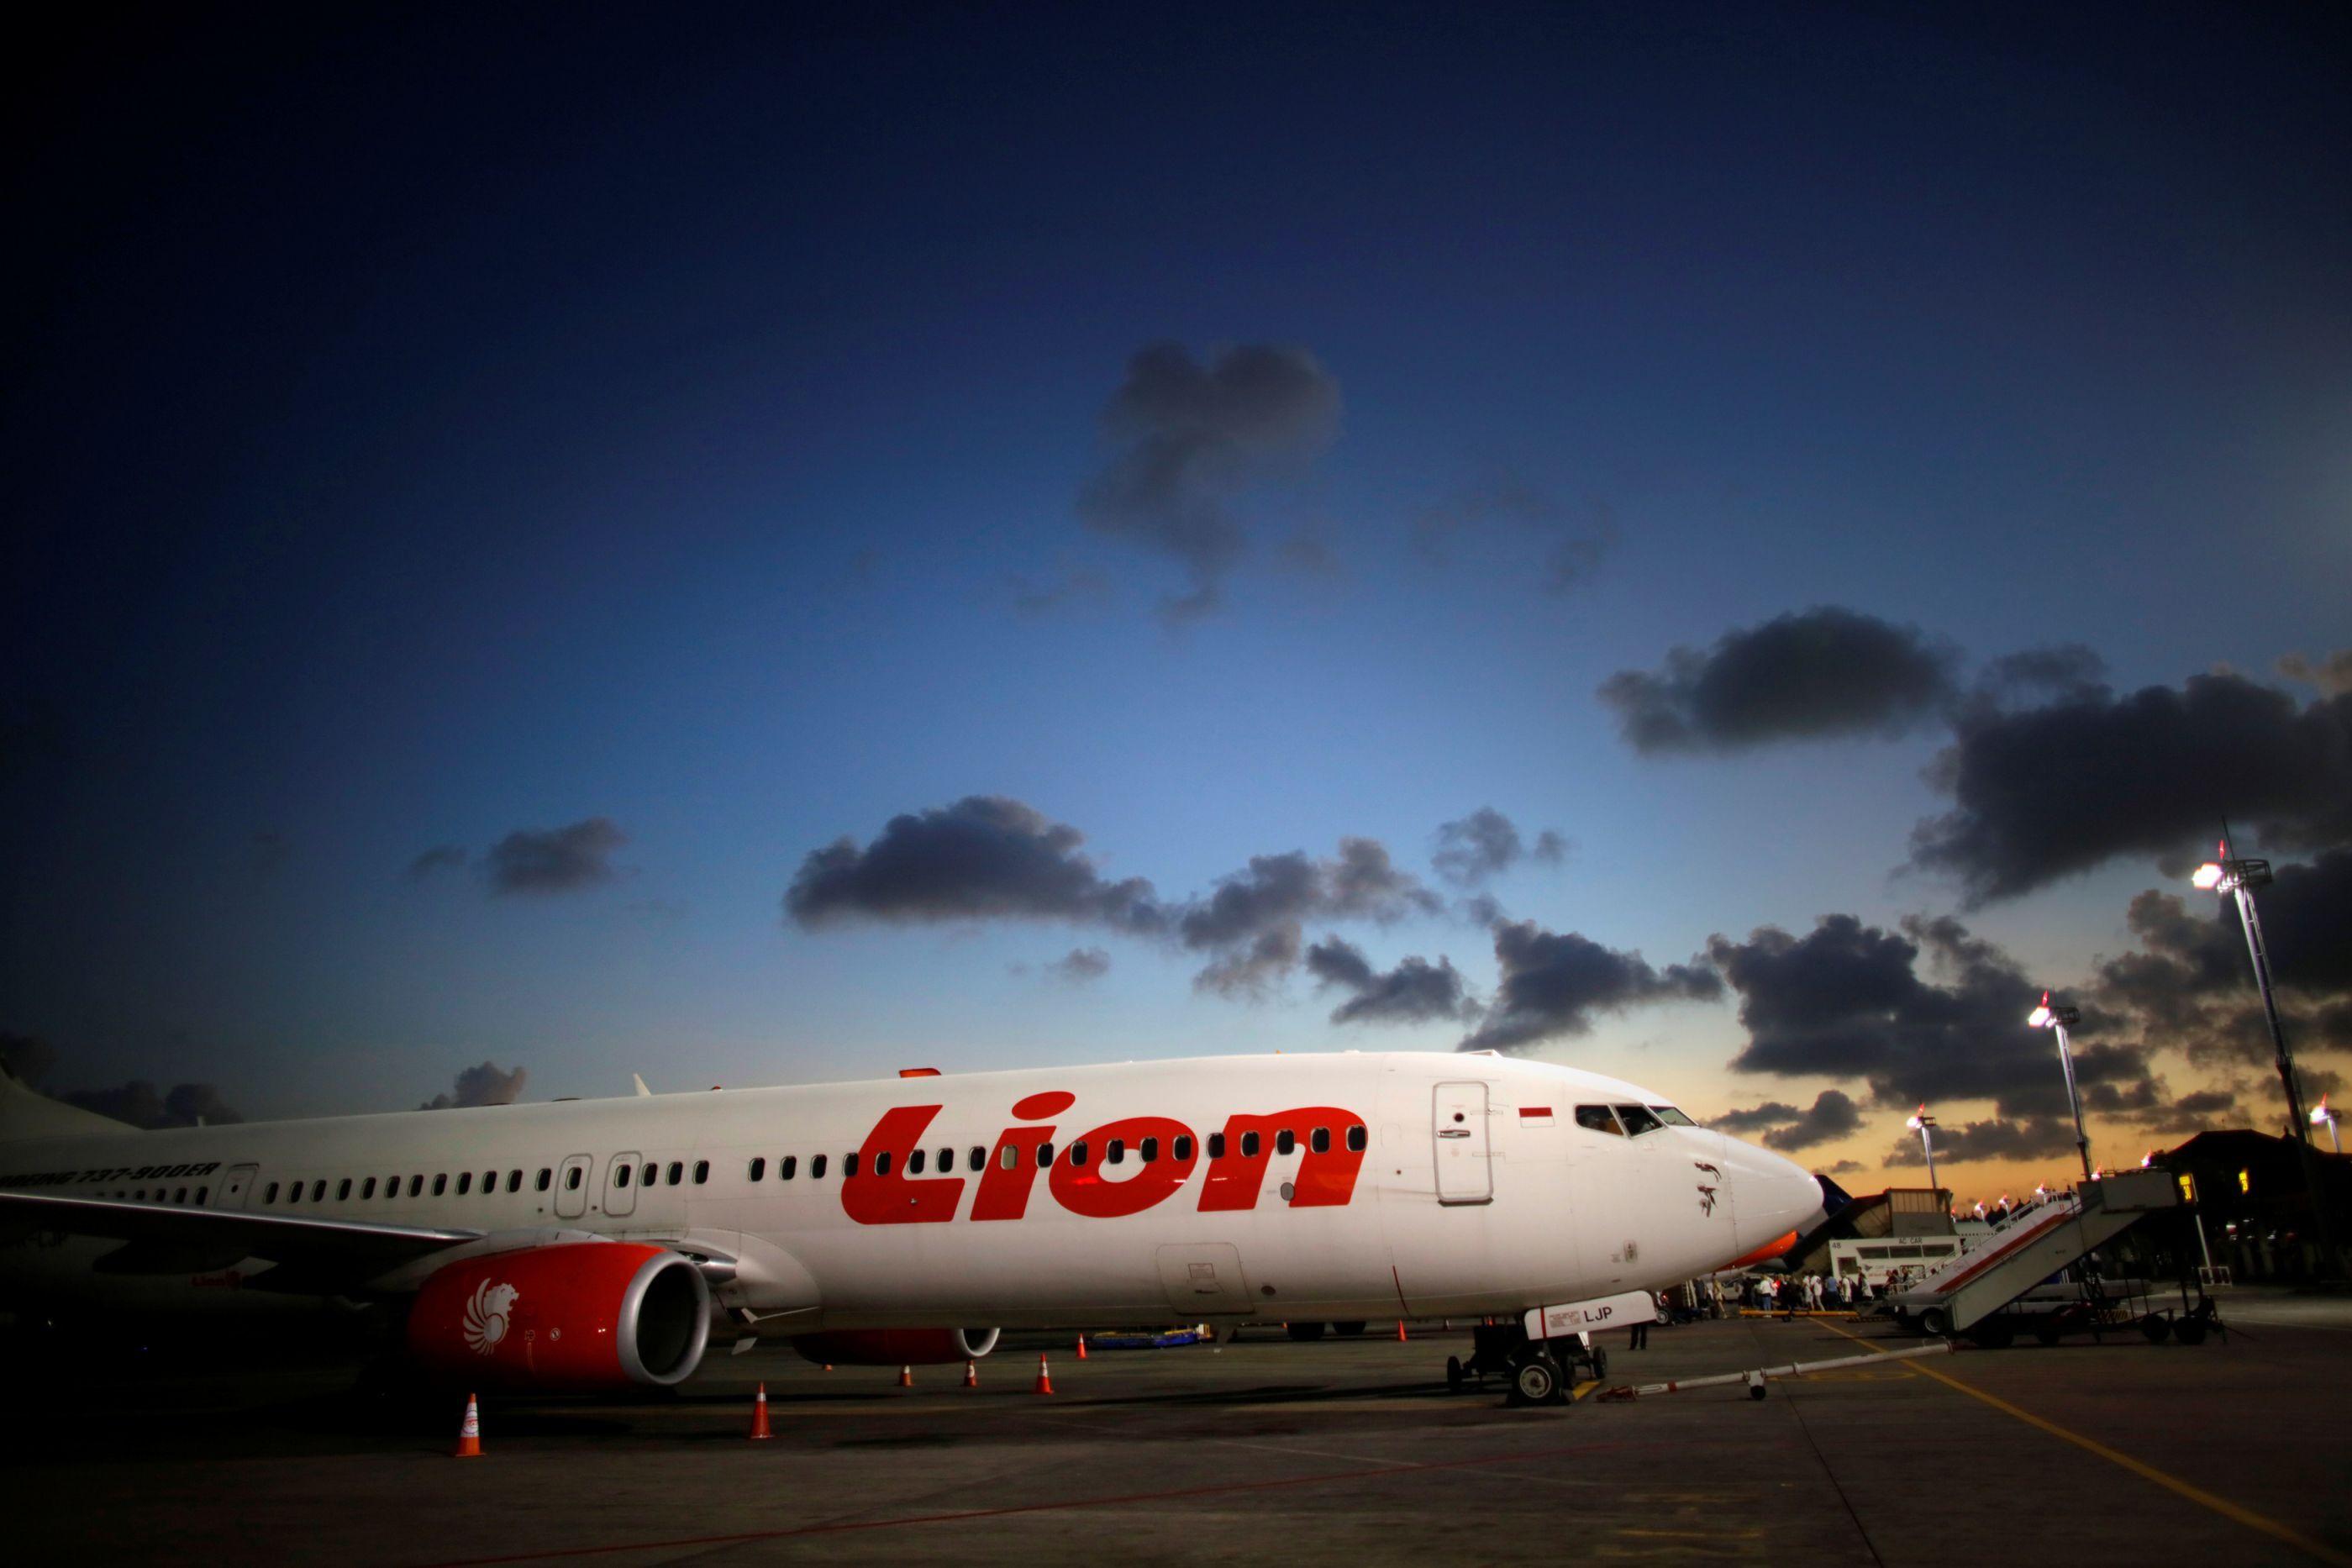 Avião com 189 pessoas a bordo derrapou em pista na Indonésia